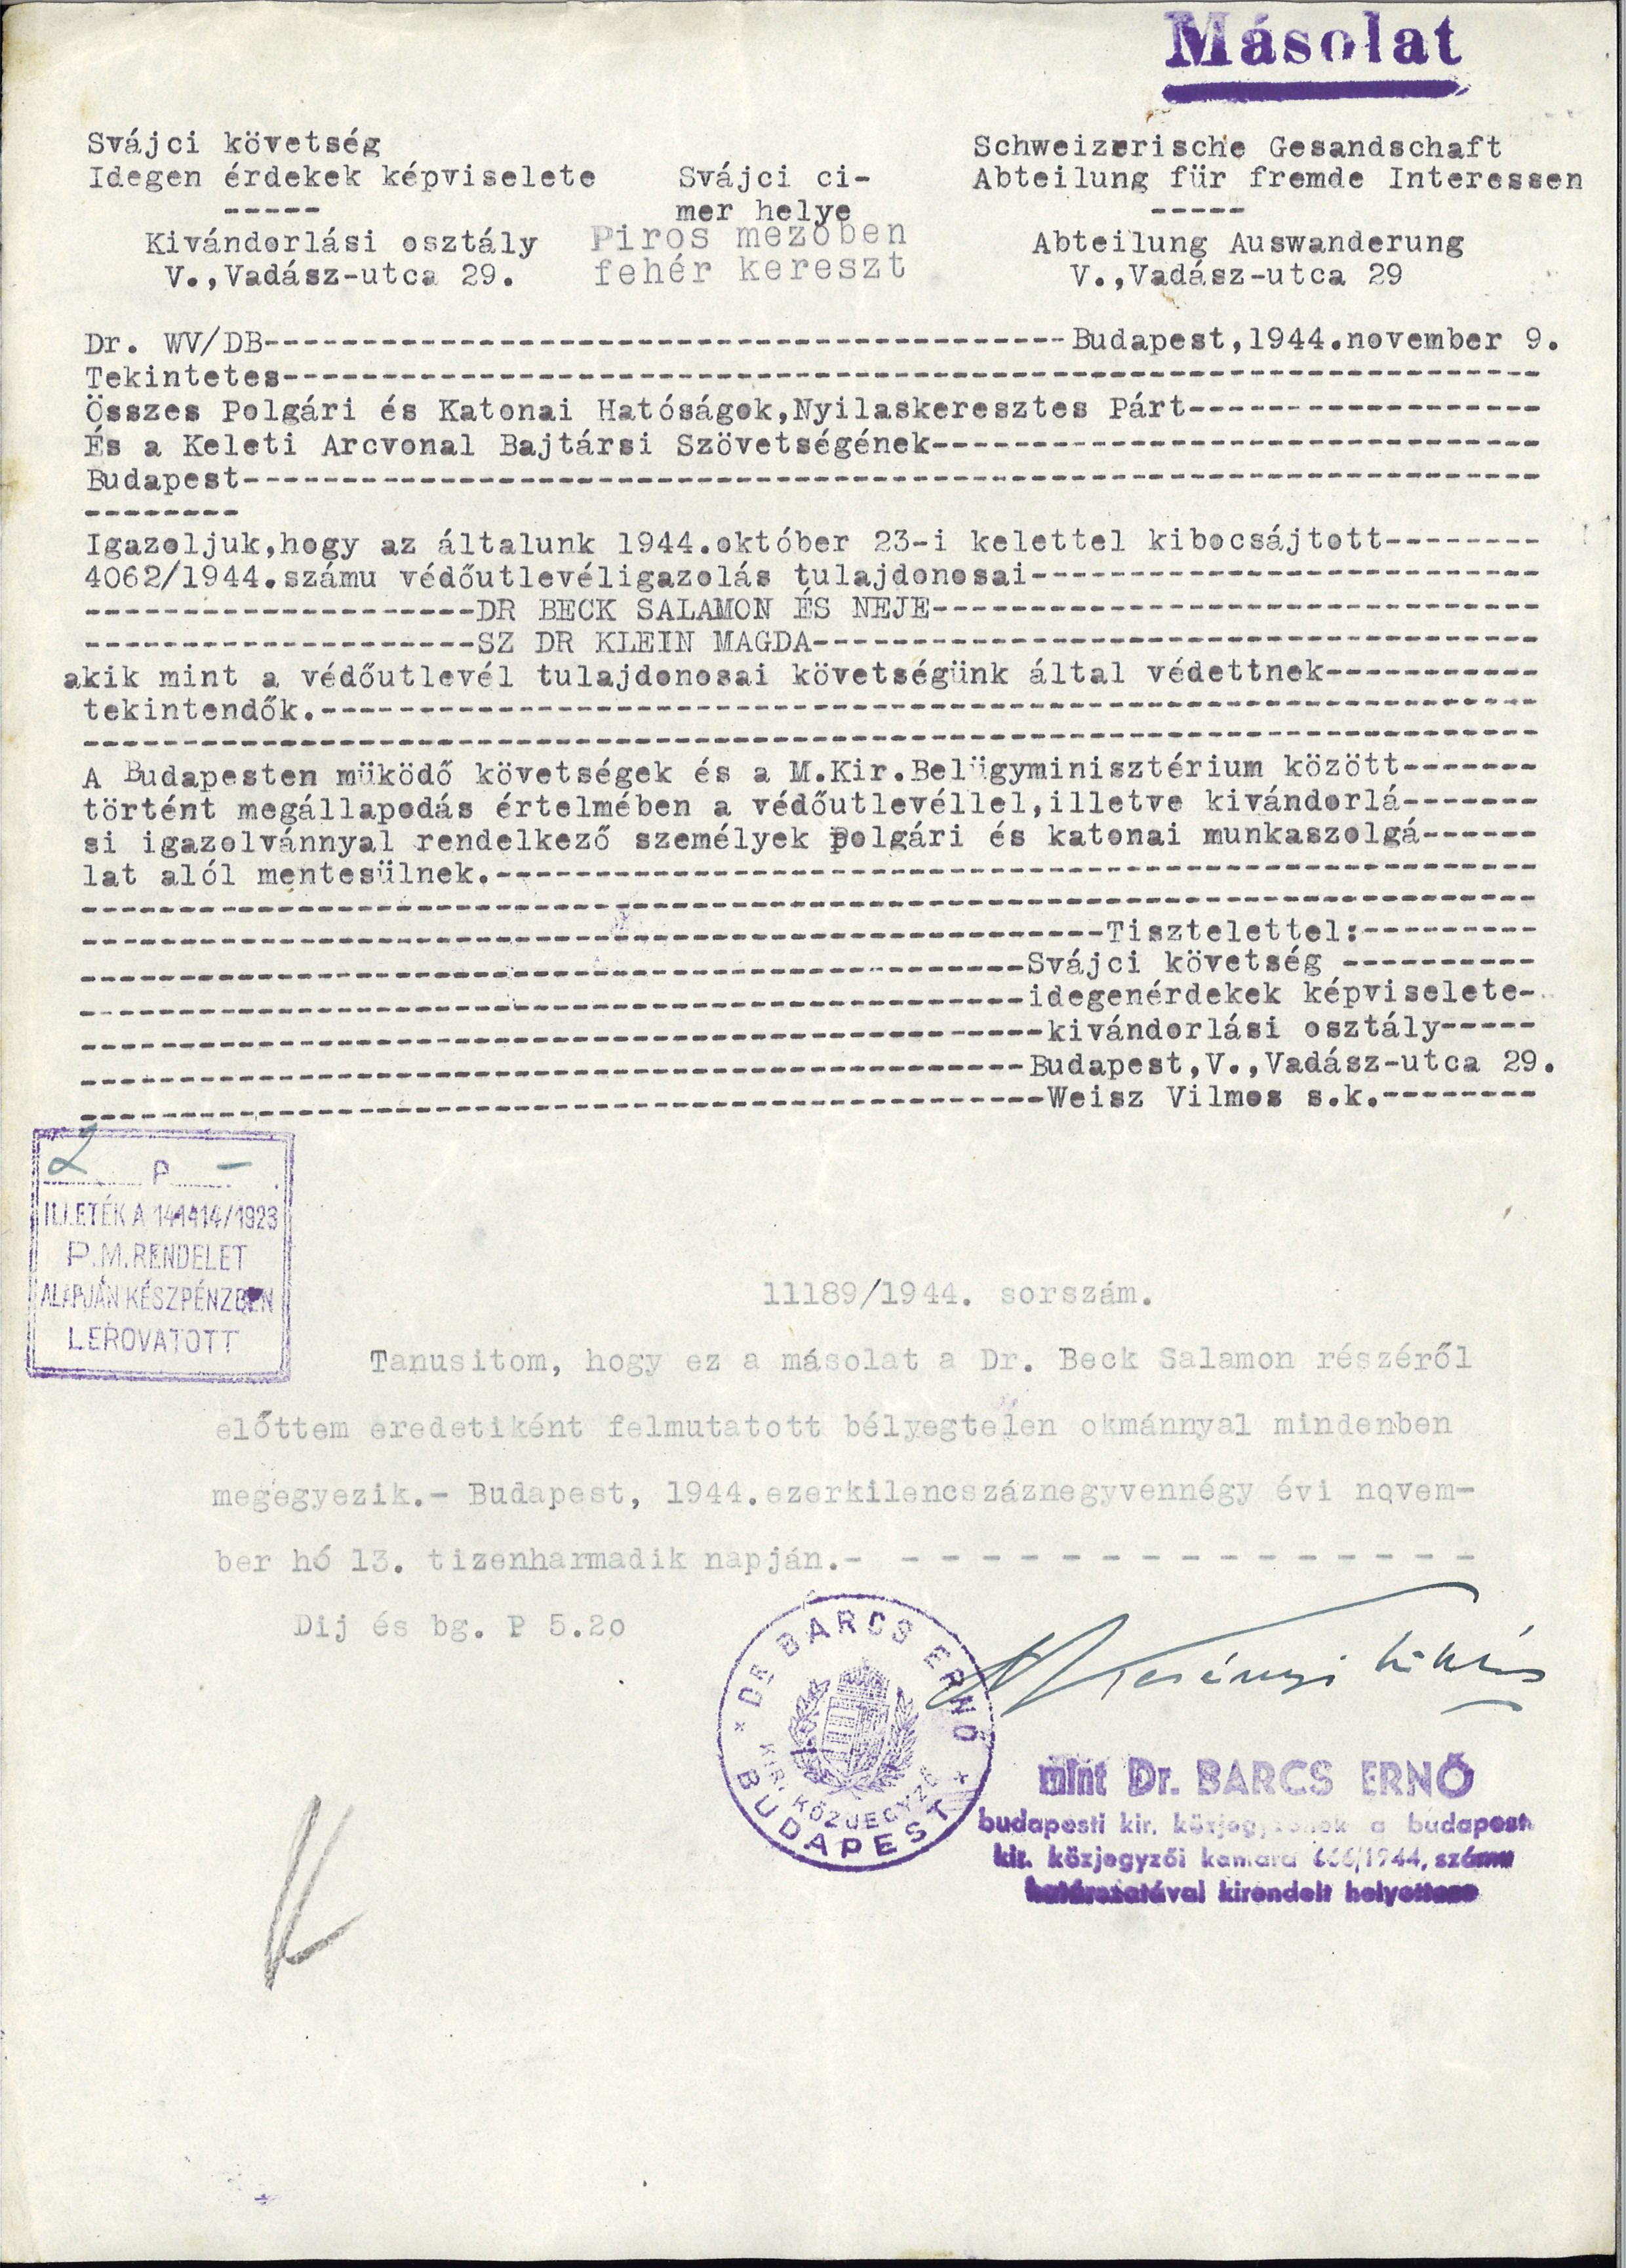 9ff49bf4ea Védlevelek, mentesítési dokumentumok Barcs Ernő budapesti közjegyző 1944-es  okiratai között   Széttépett Esztendők - Holokauszt emlékév